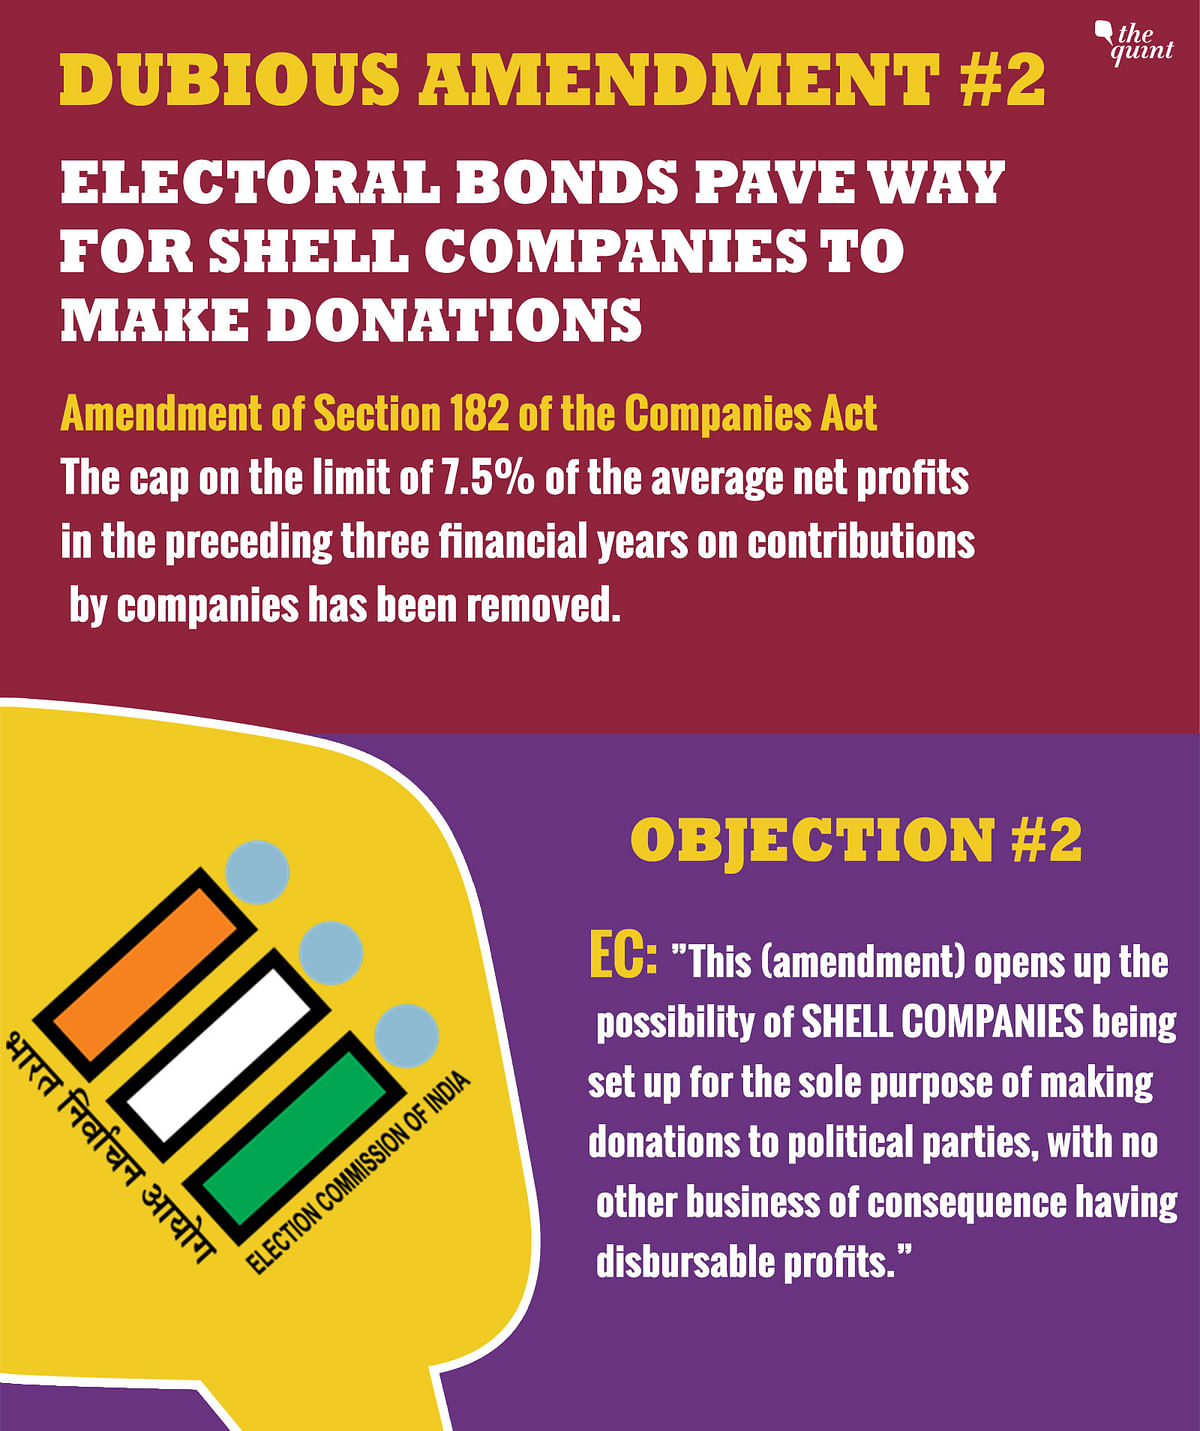 EC on Electoral Bond: